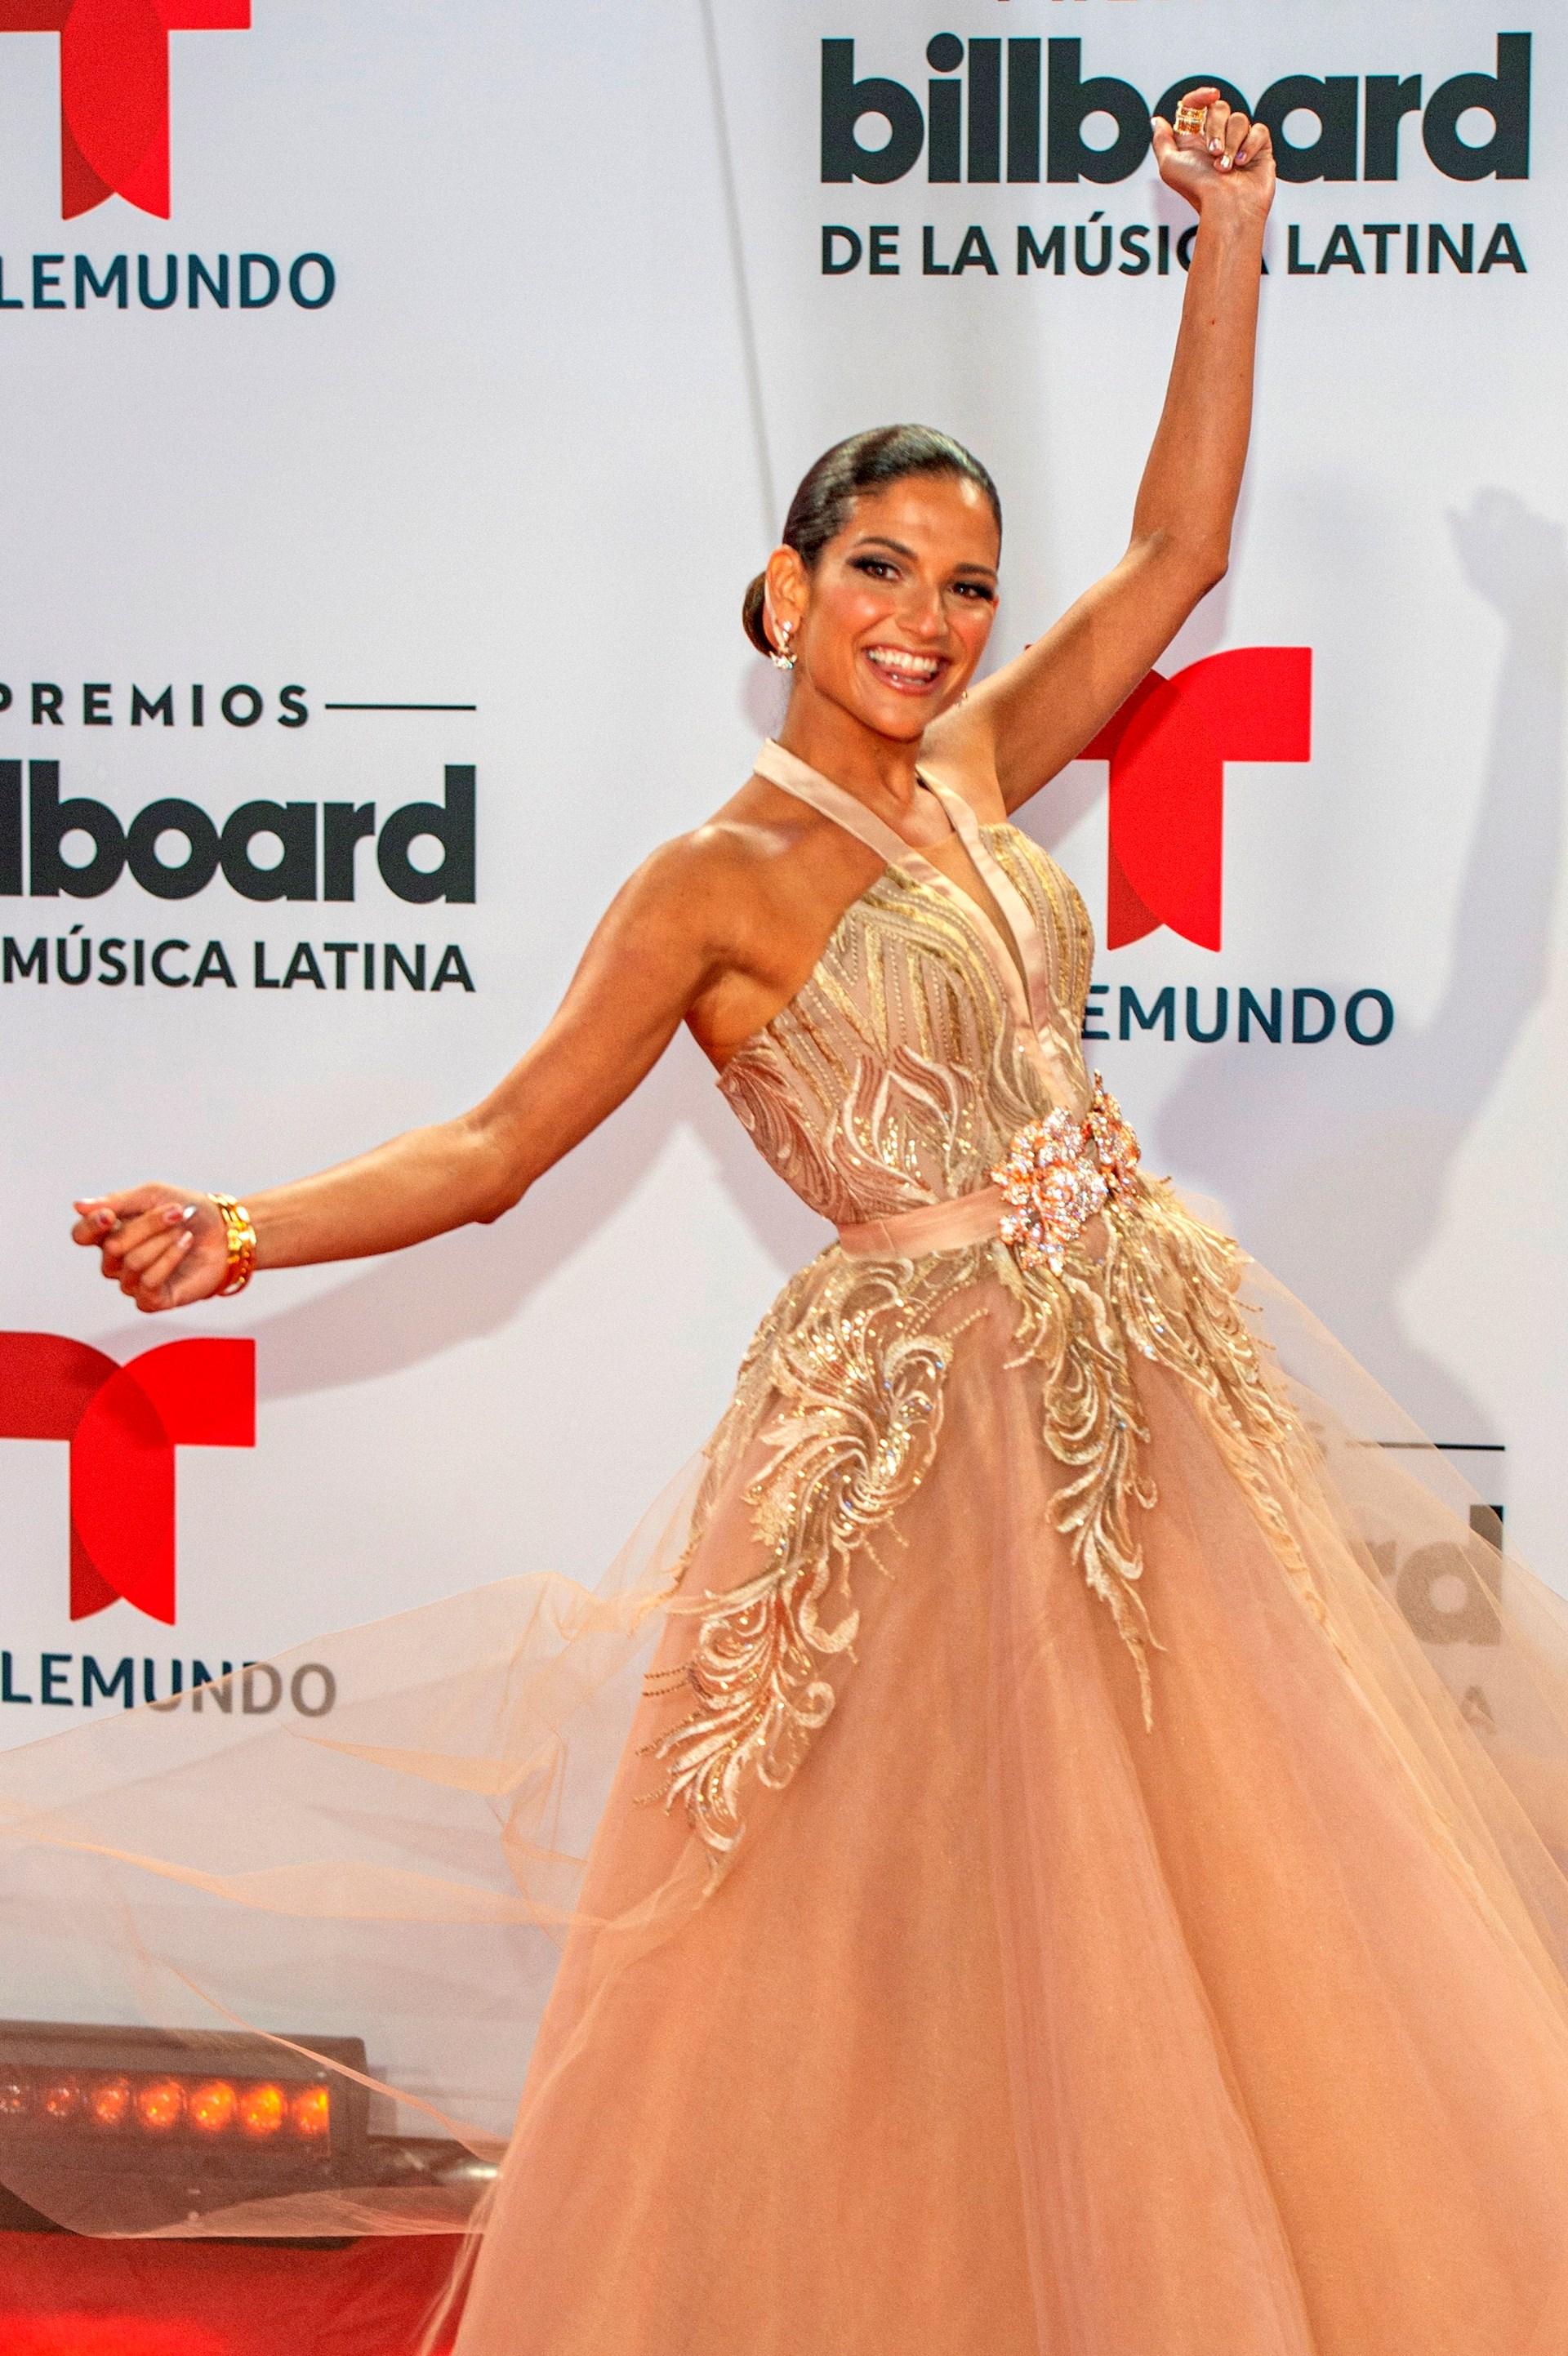 La cantante española Natalia Jiménez posa hoy a su llegada a la alfombra roja de los Premios Billboard de la Música Latina (Foto: EFE/Giorgio Viera)